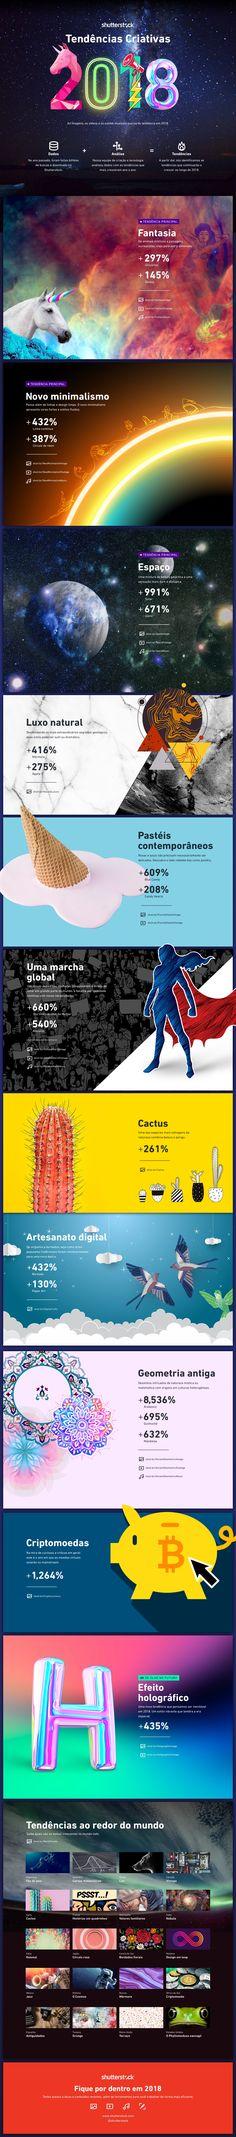 Infográfico traz tendências criativas para 2018